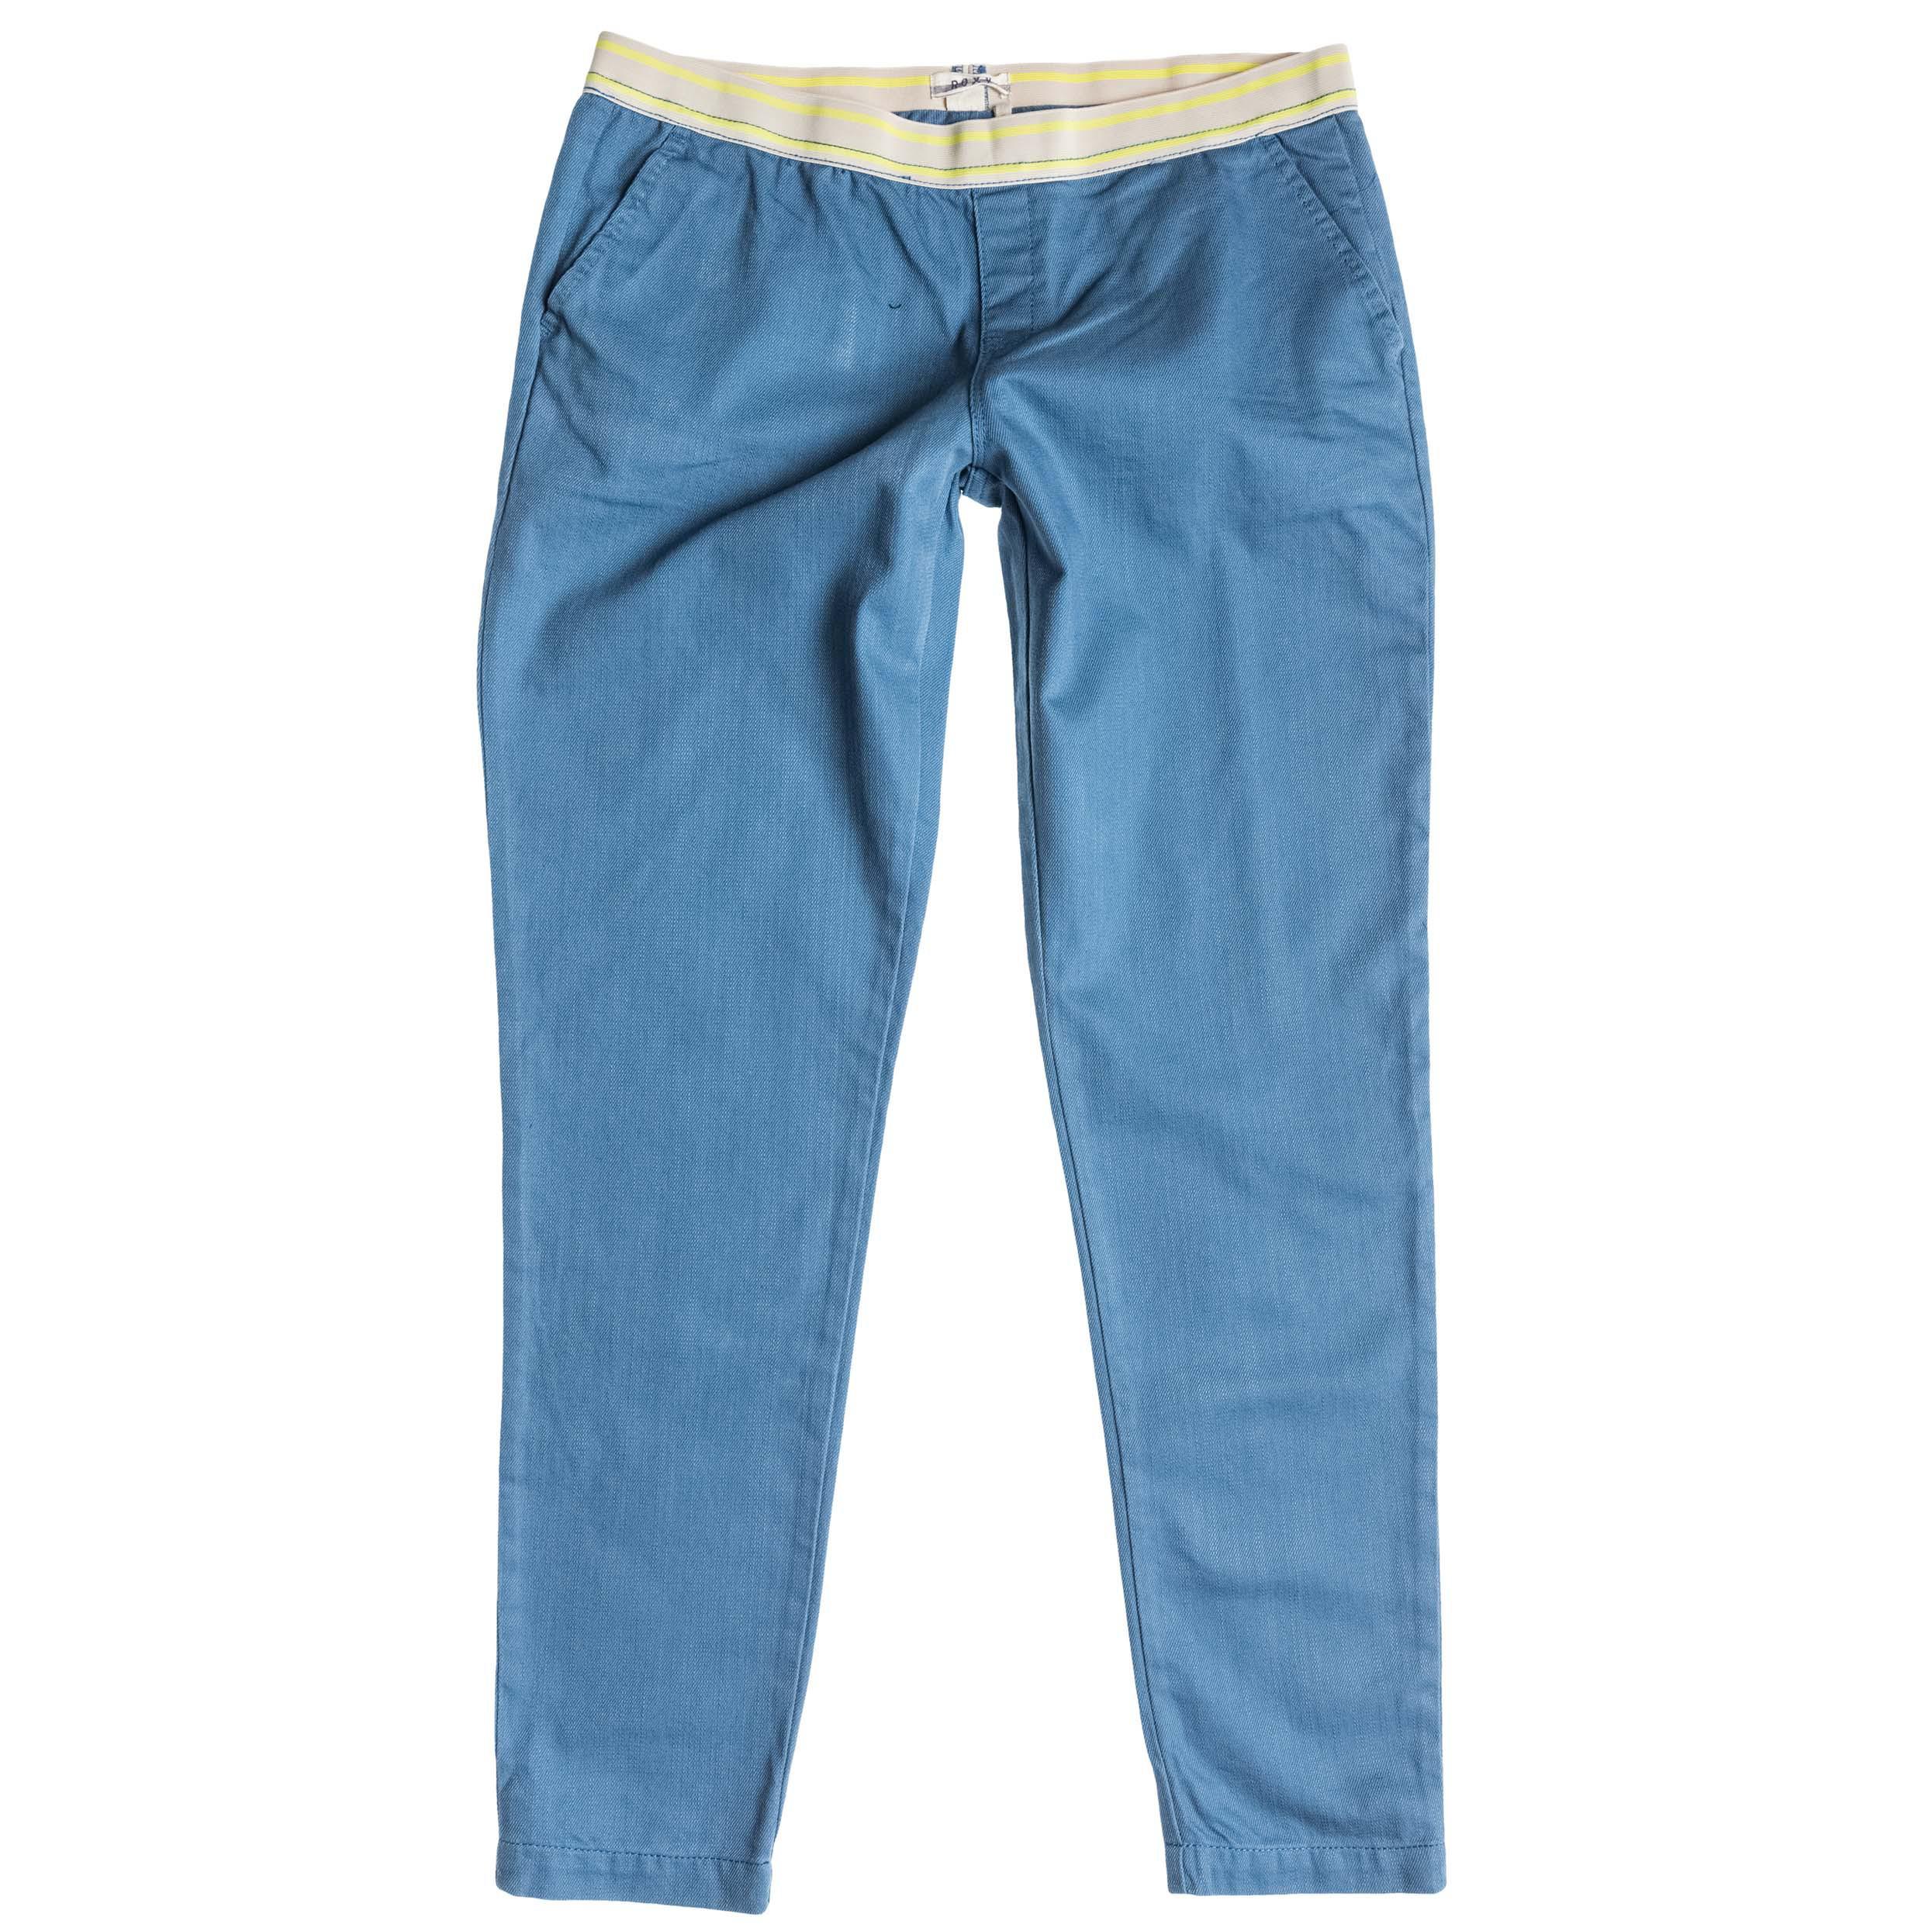 Kalhoty Roxy Bellerose copen blue vel.S 15 + doručení do 24 hodin